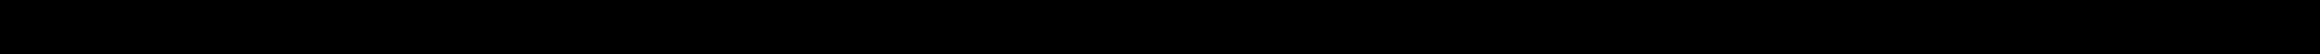 VALEO 03L903023F, 03L903023FX, 06F903023A, 06F903023C, 06F903023CX Γεννήτρια